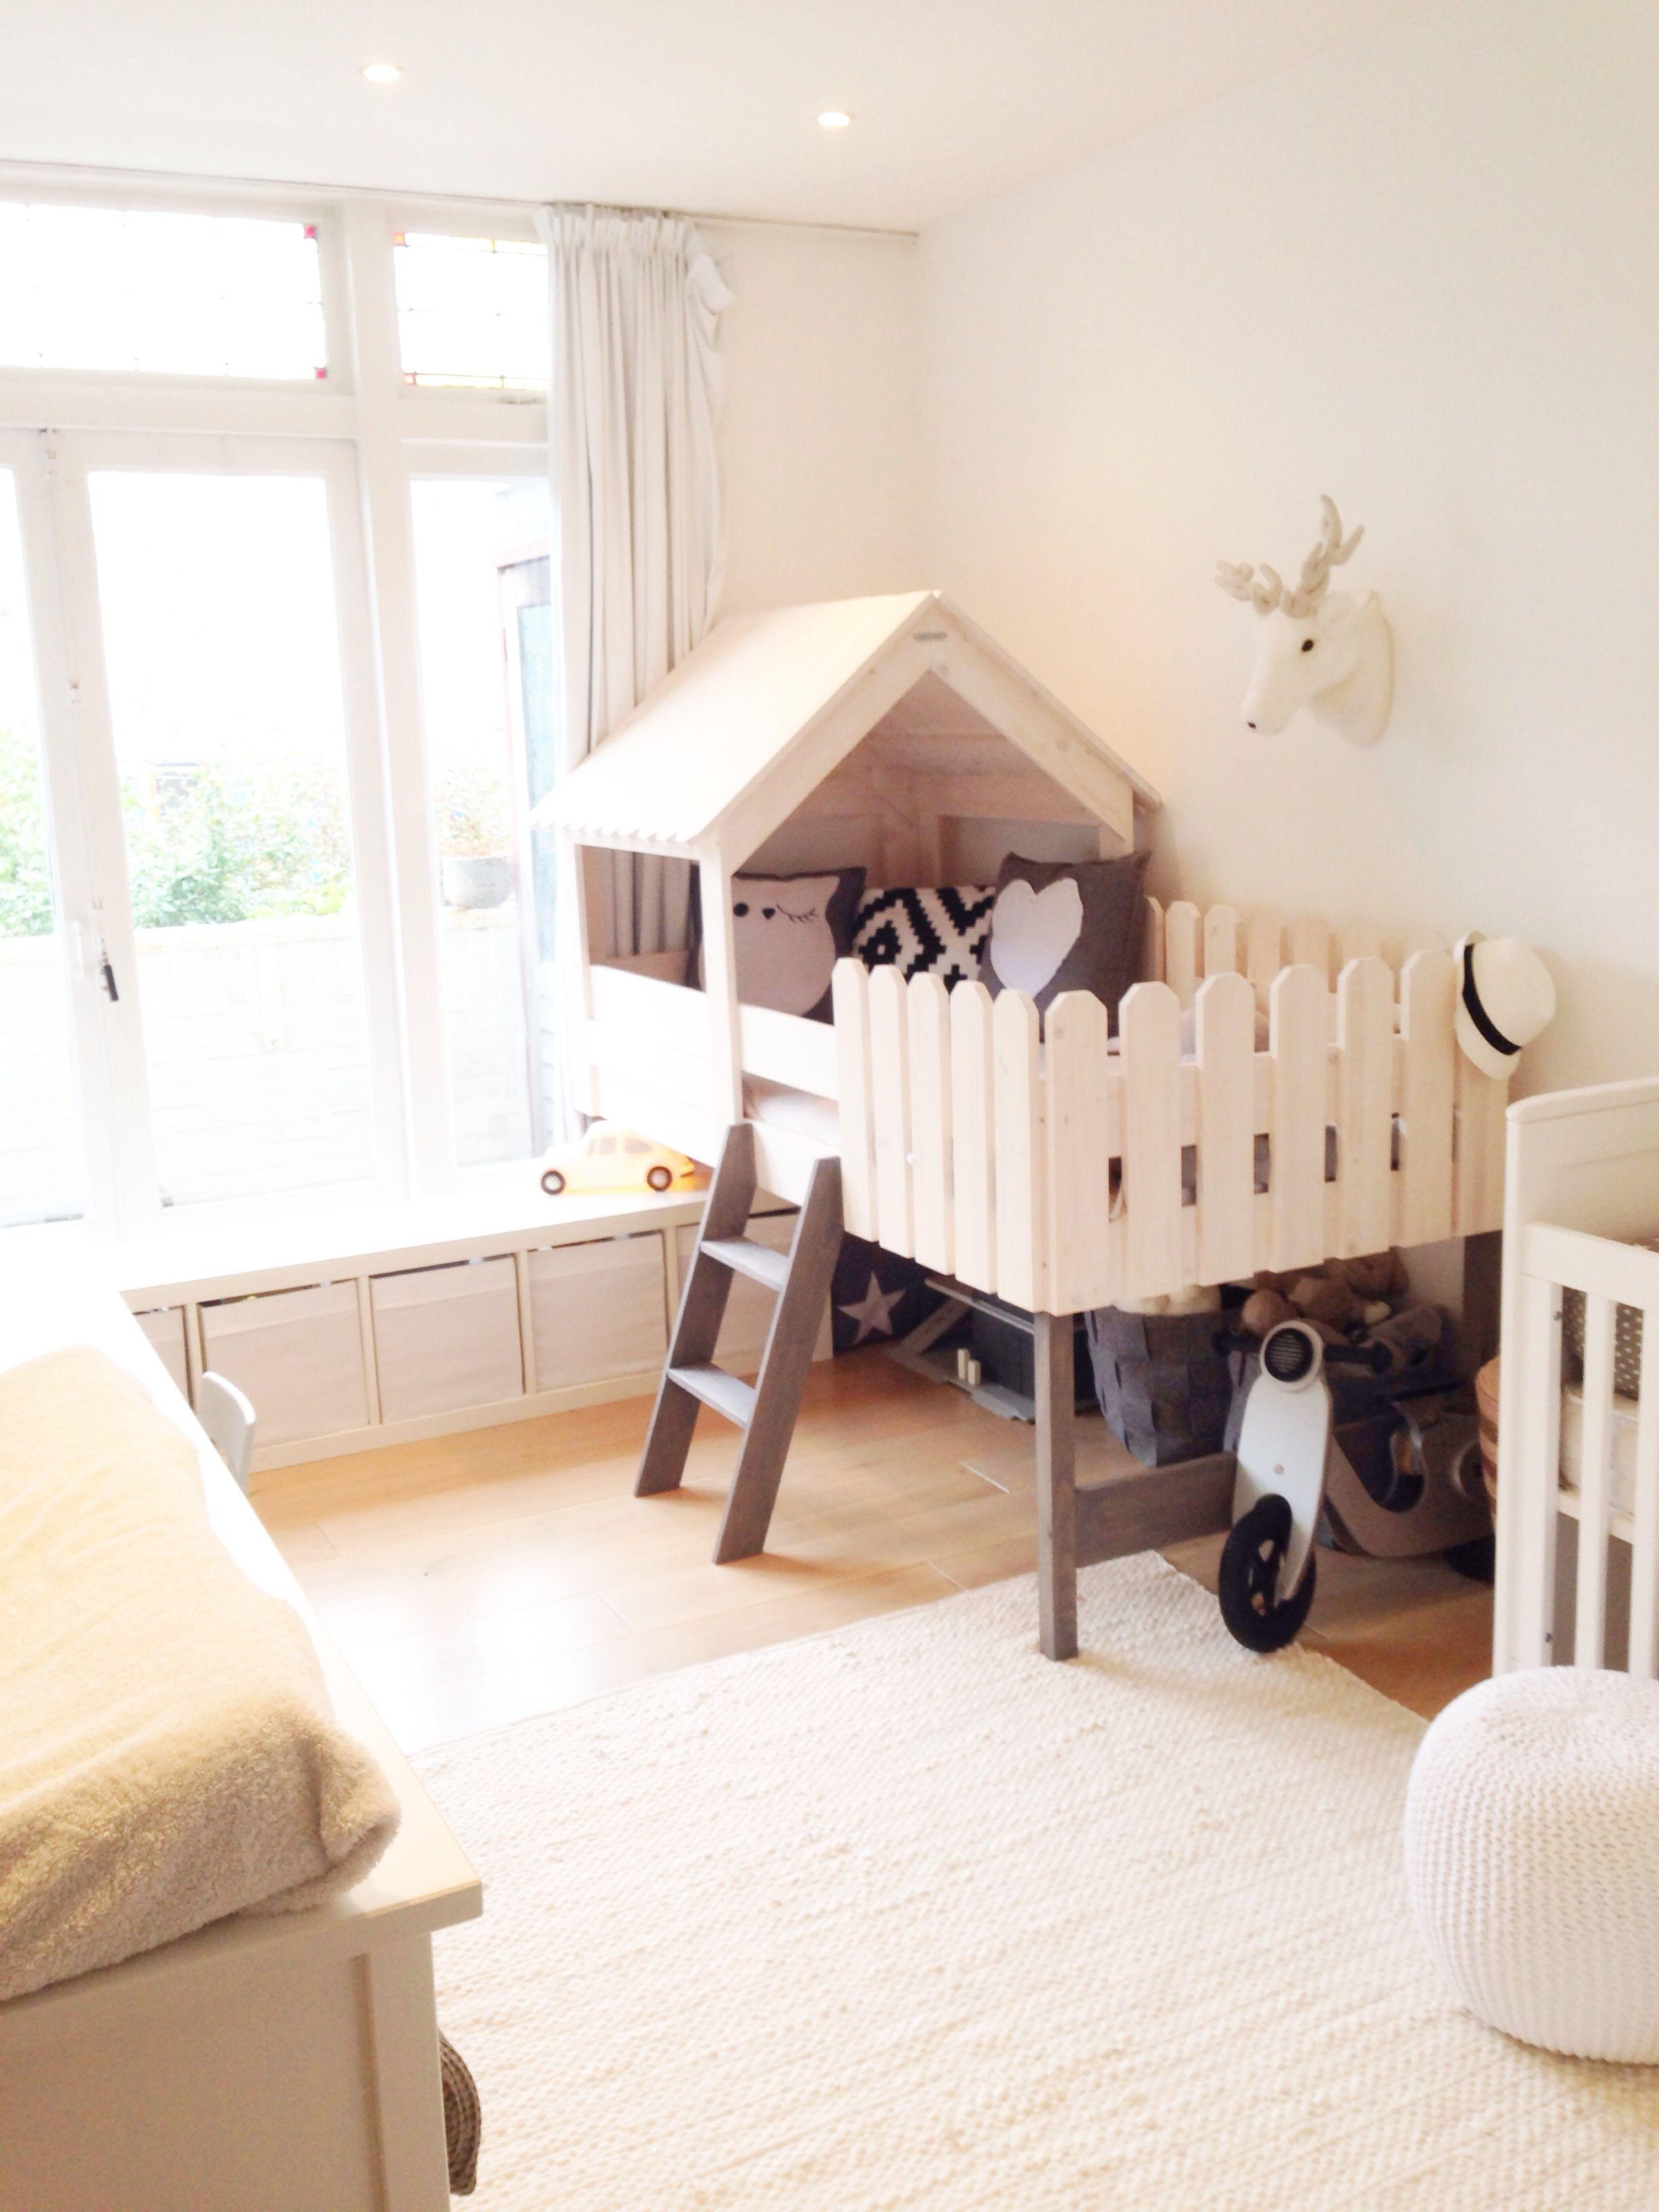 a2090b2ebd8 Inspiratie: kinderkamer voor baby en peuter | Ideeën voor het huis ...